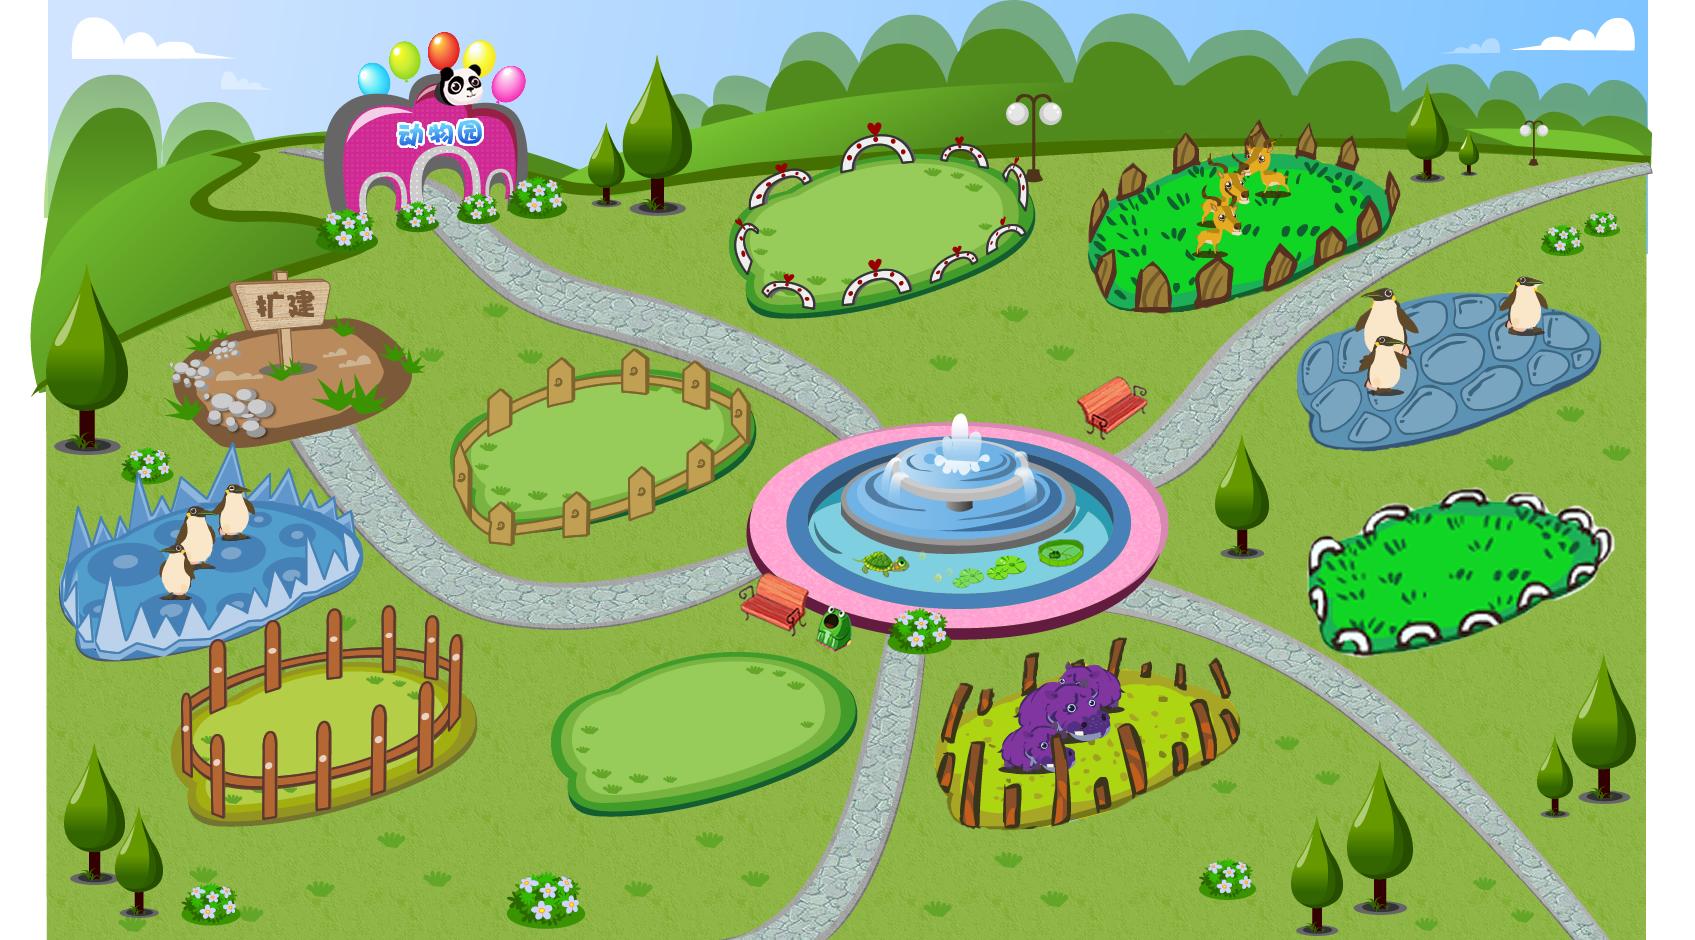 开心动物园 游戏制作